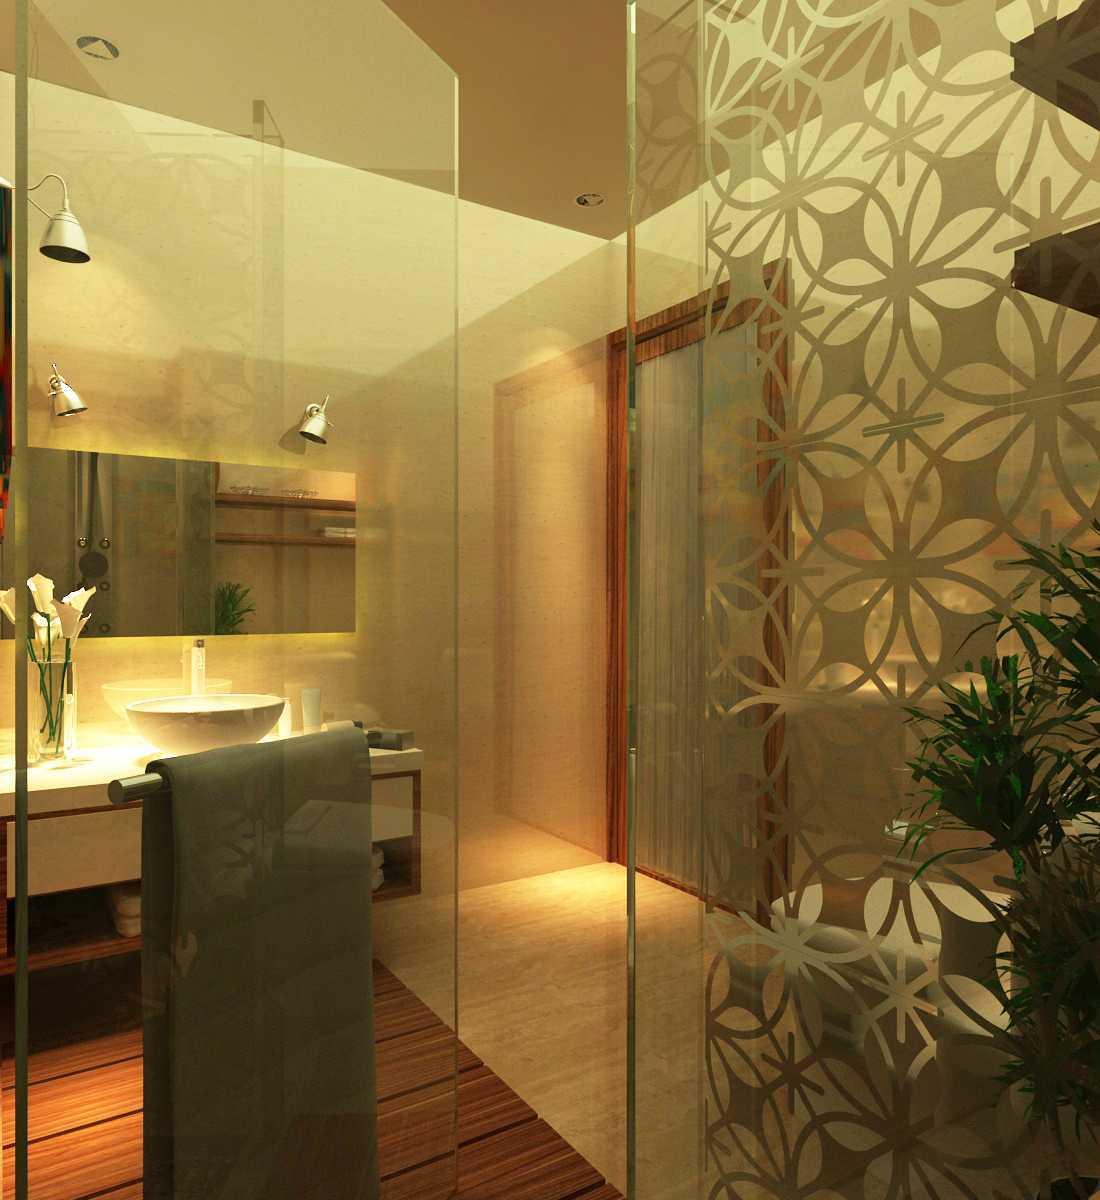 Arif Rahman Syarfin S.ds Project - Kamar Mandi Tamu ( Rumah Dinas Menpora) Jl.widya Chandra 3, Kuningan, Jakarta Selatan Jl.widya Chandra 3, Kuningan, Jakarta Selatan Bathroom Modern  12293